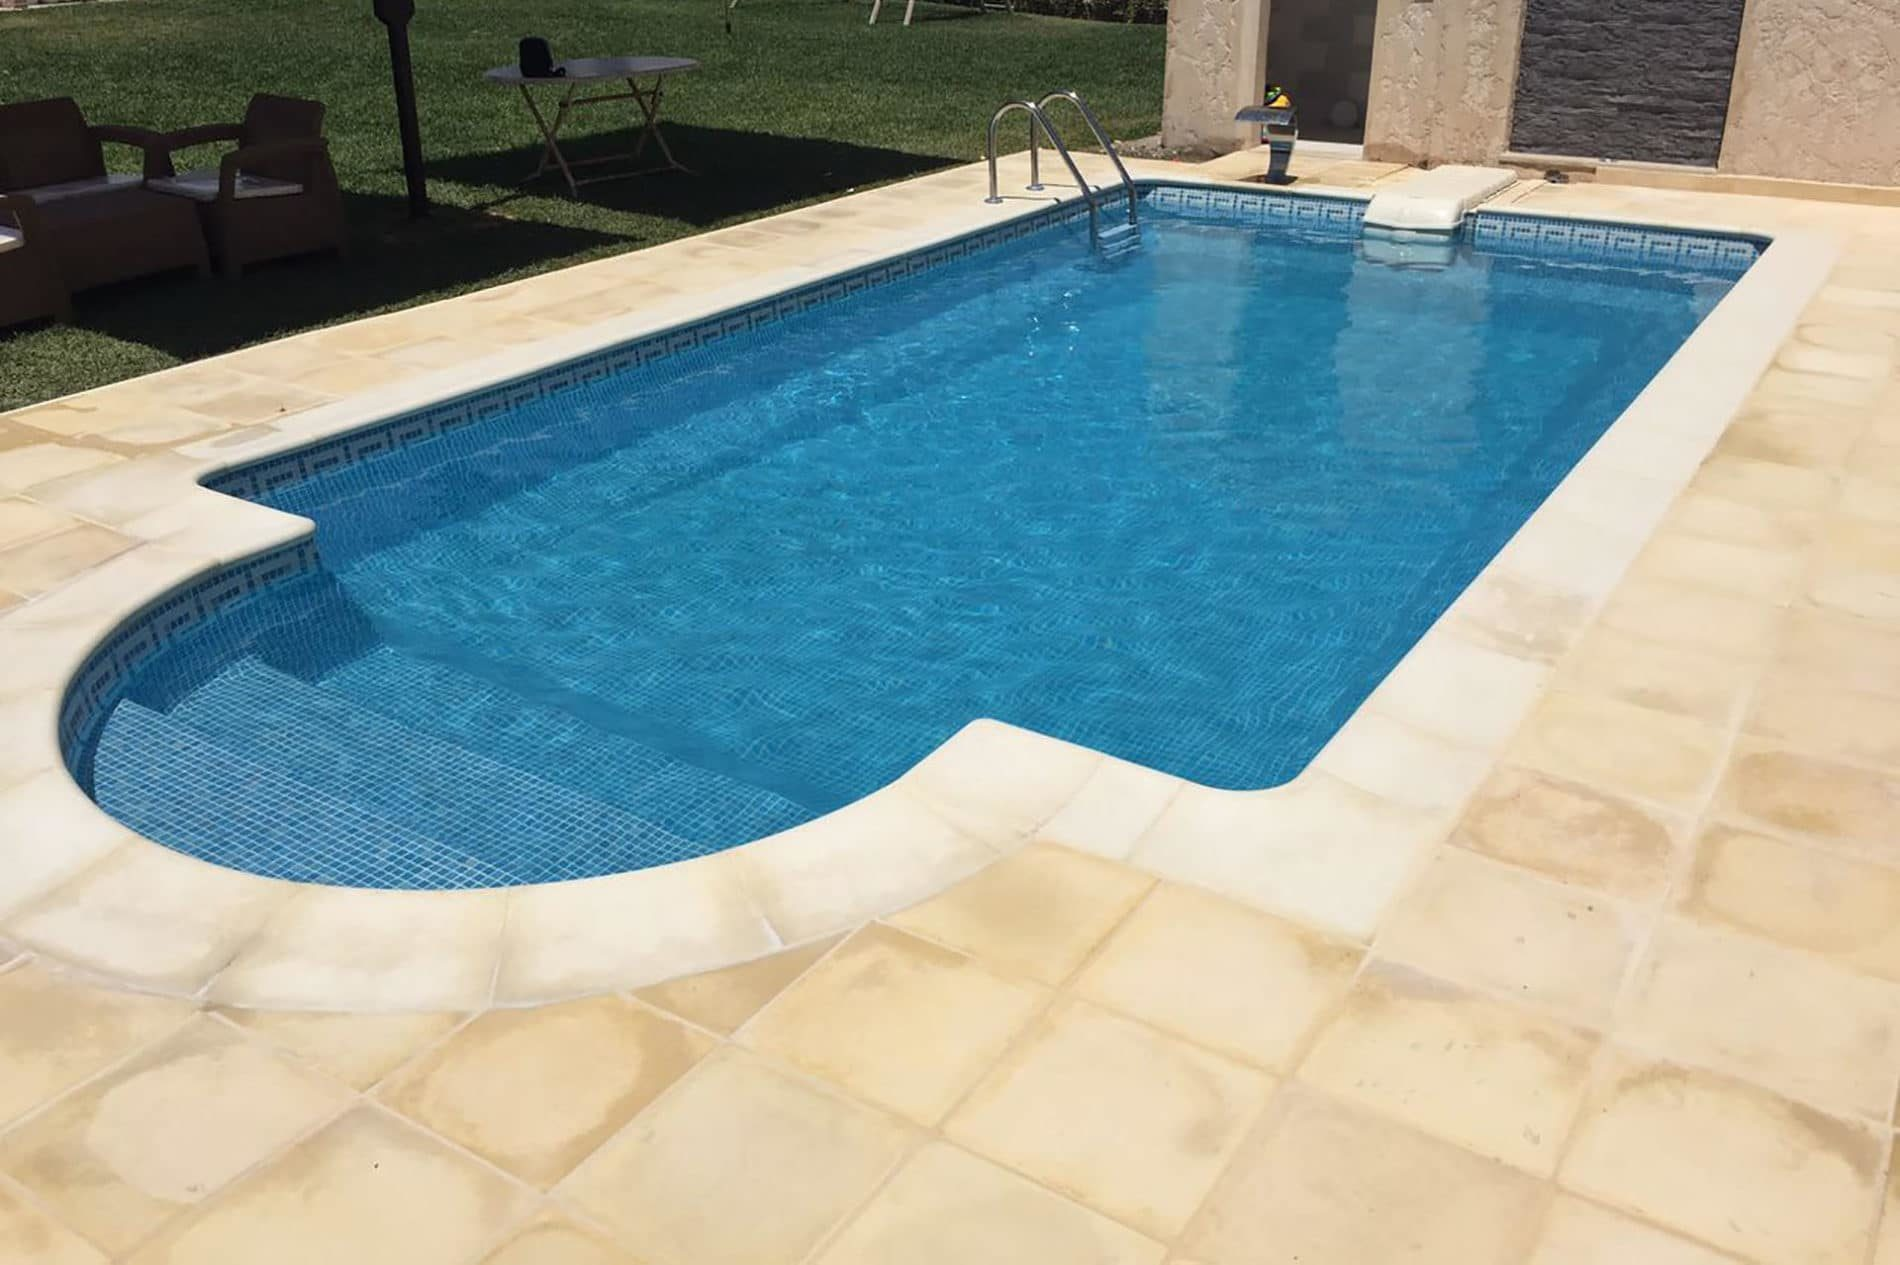 Peut-on poser de la mosaique sur une piscine coque ? | Idées Piscine